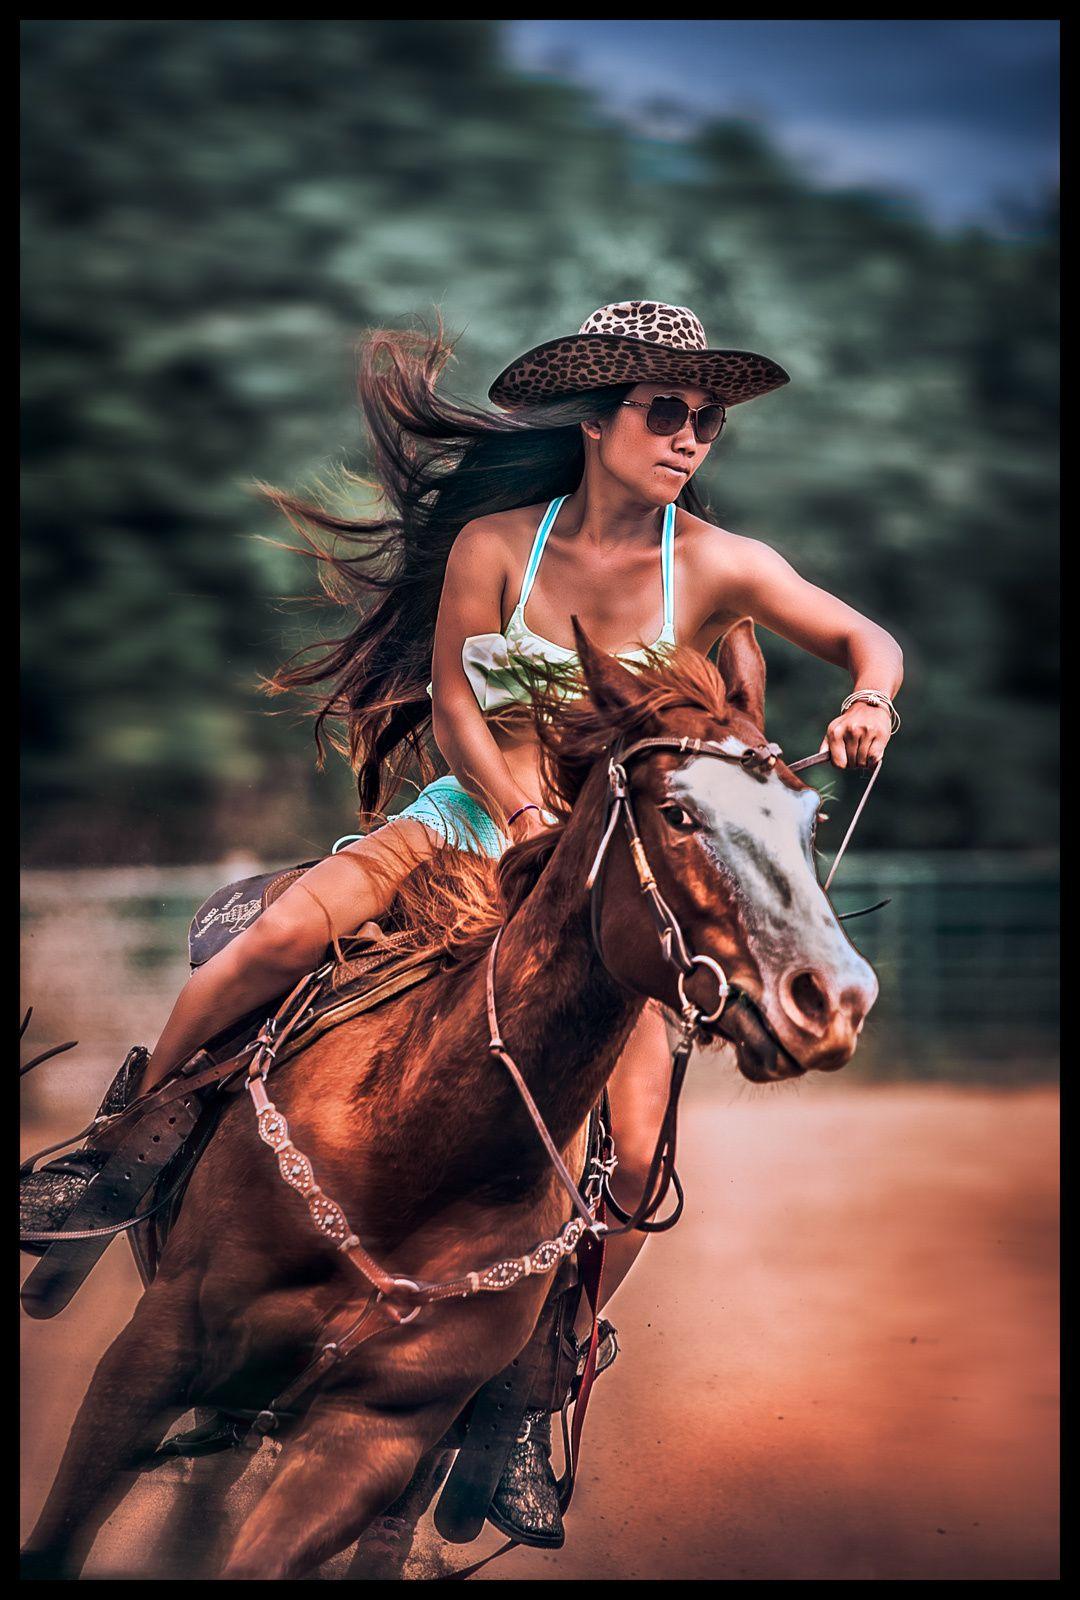 1bikini_rodeo_3